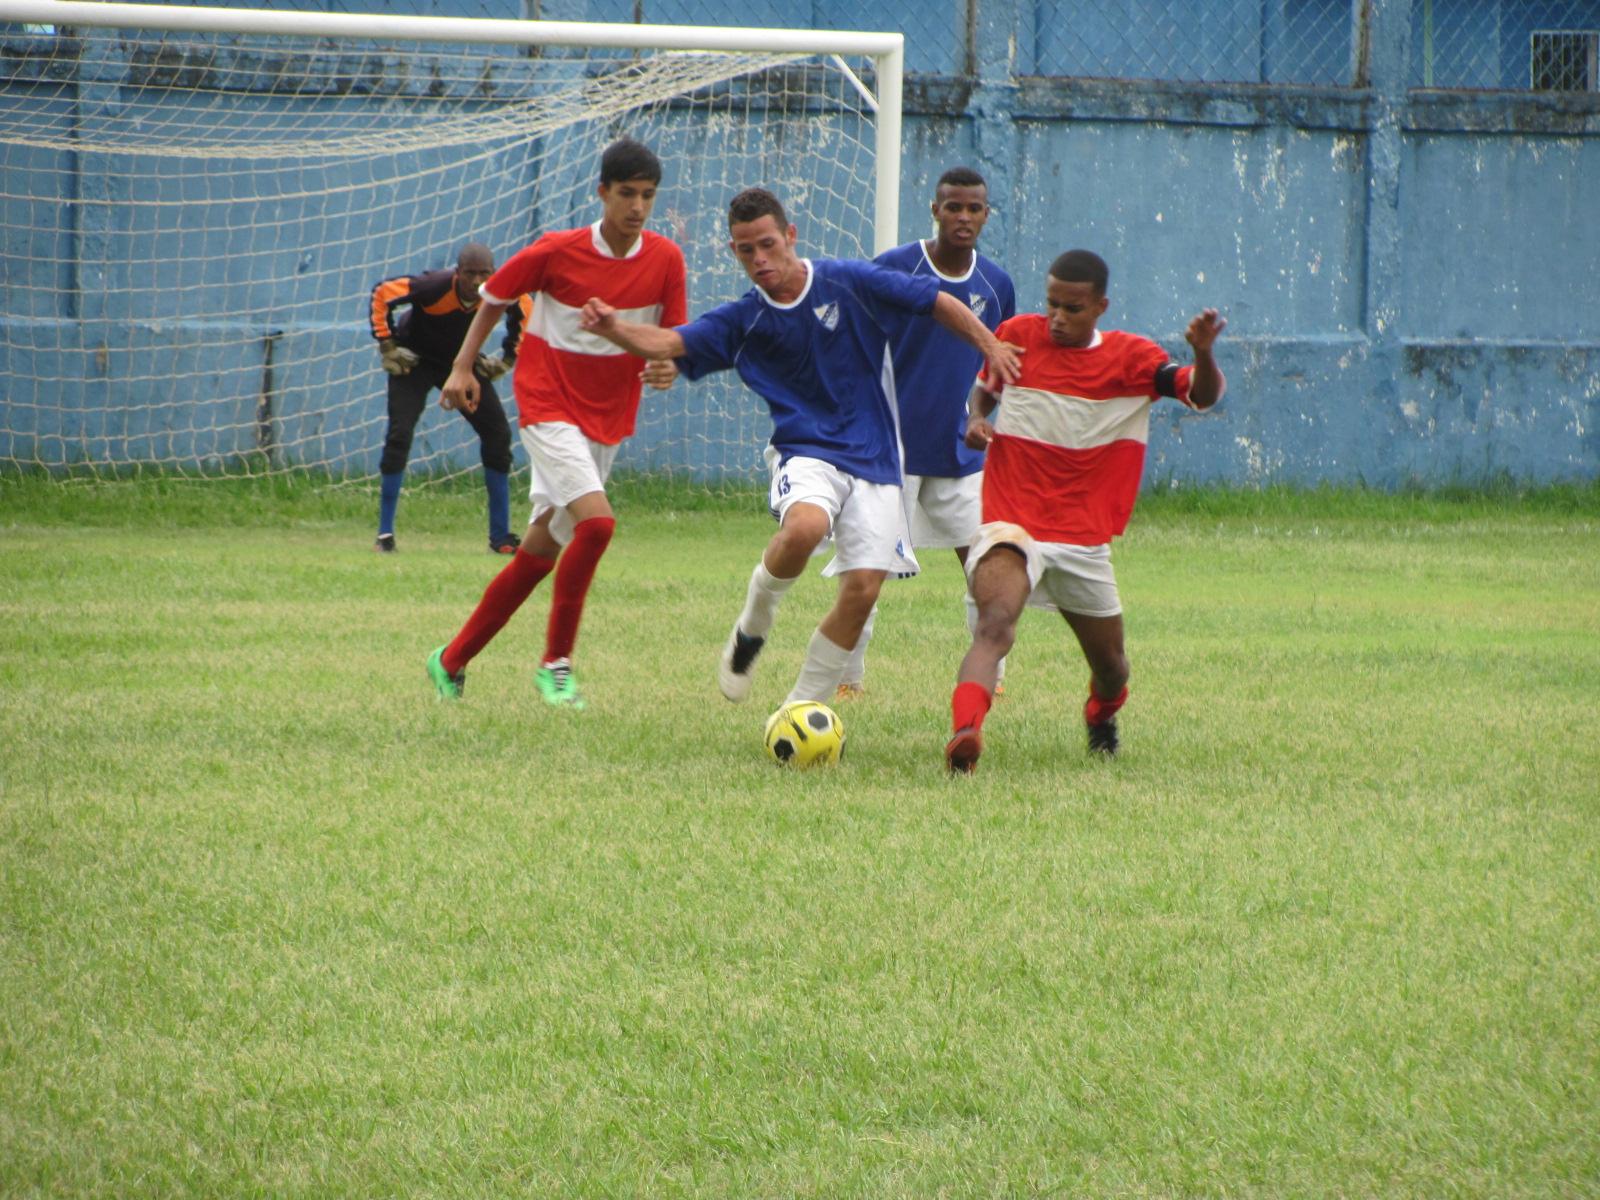 Liga de Desportos de Nova Iguaçu  A bola vai rolar para o Torneio de ... 07258de969dda